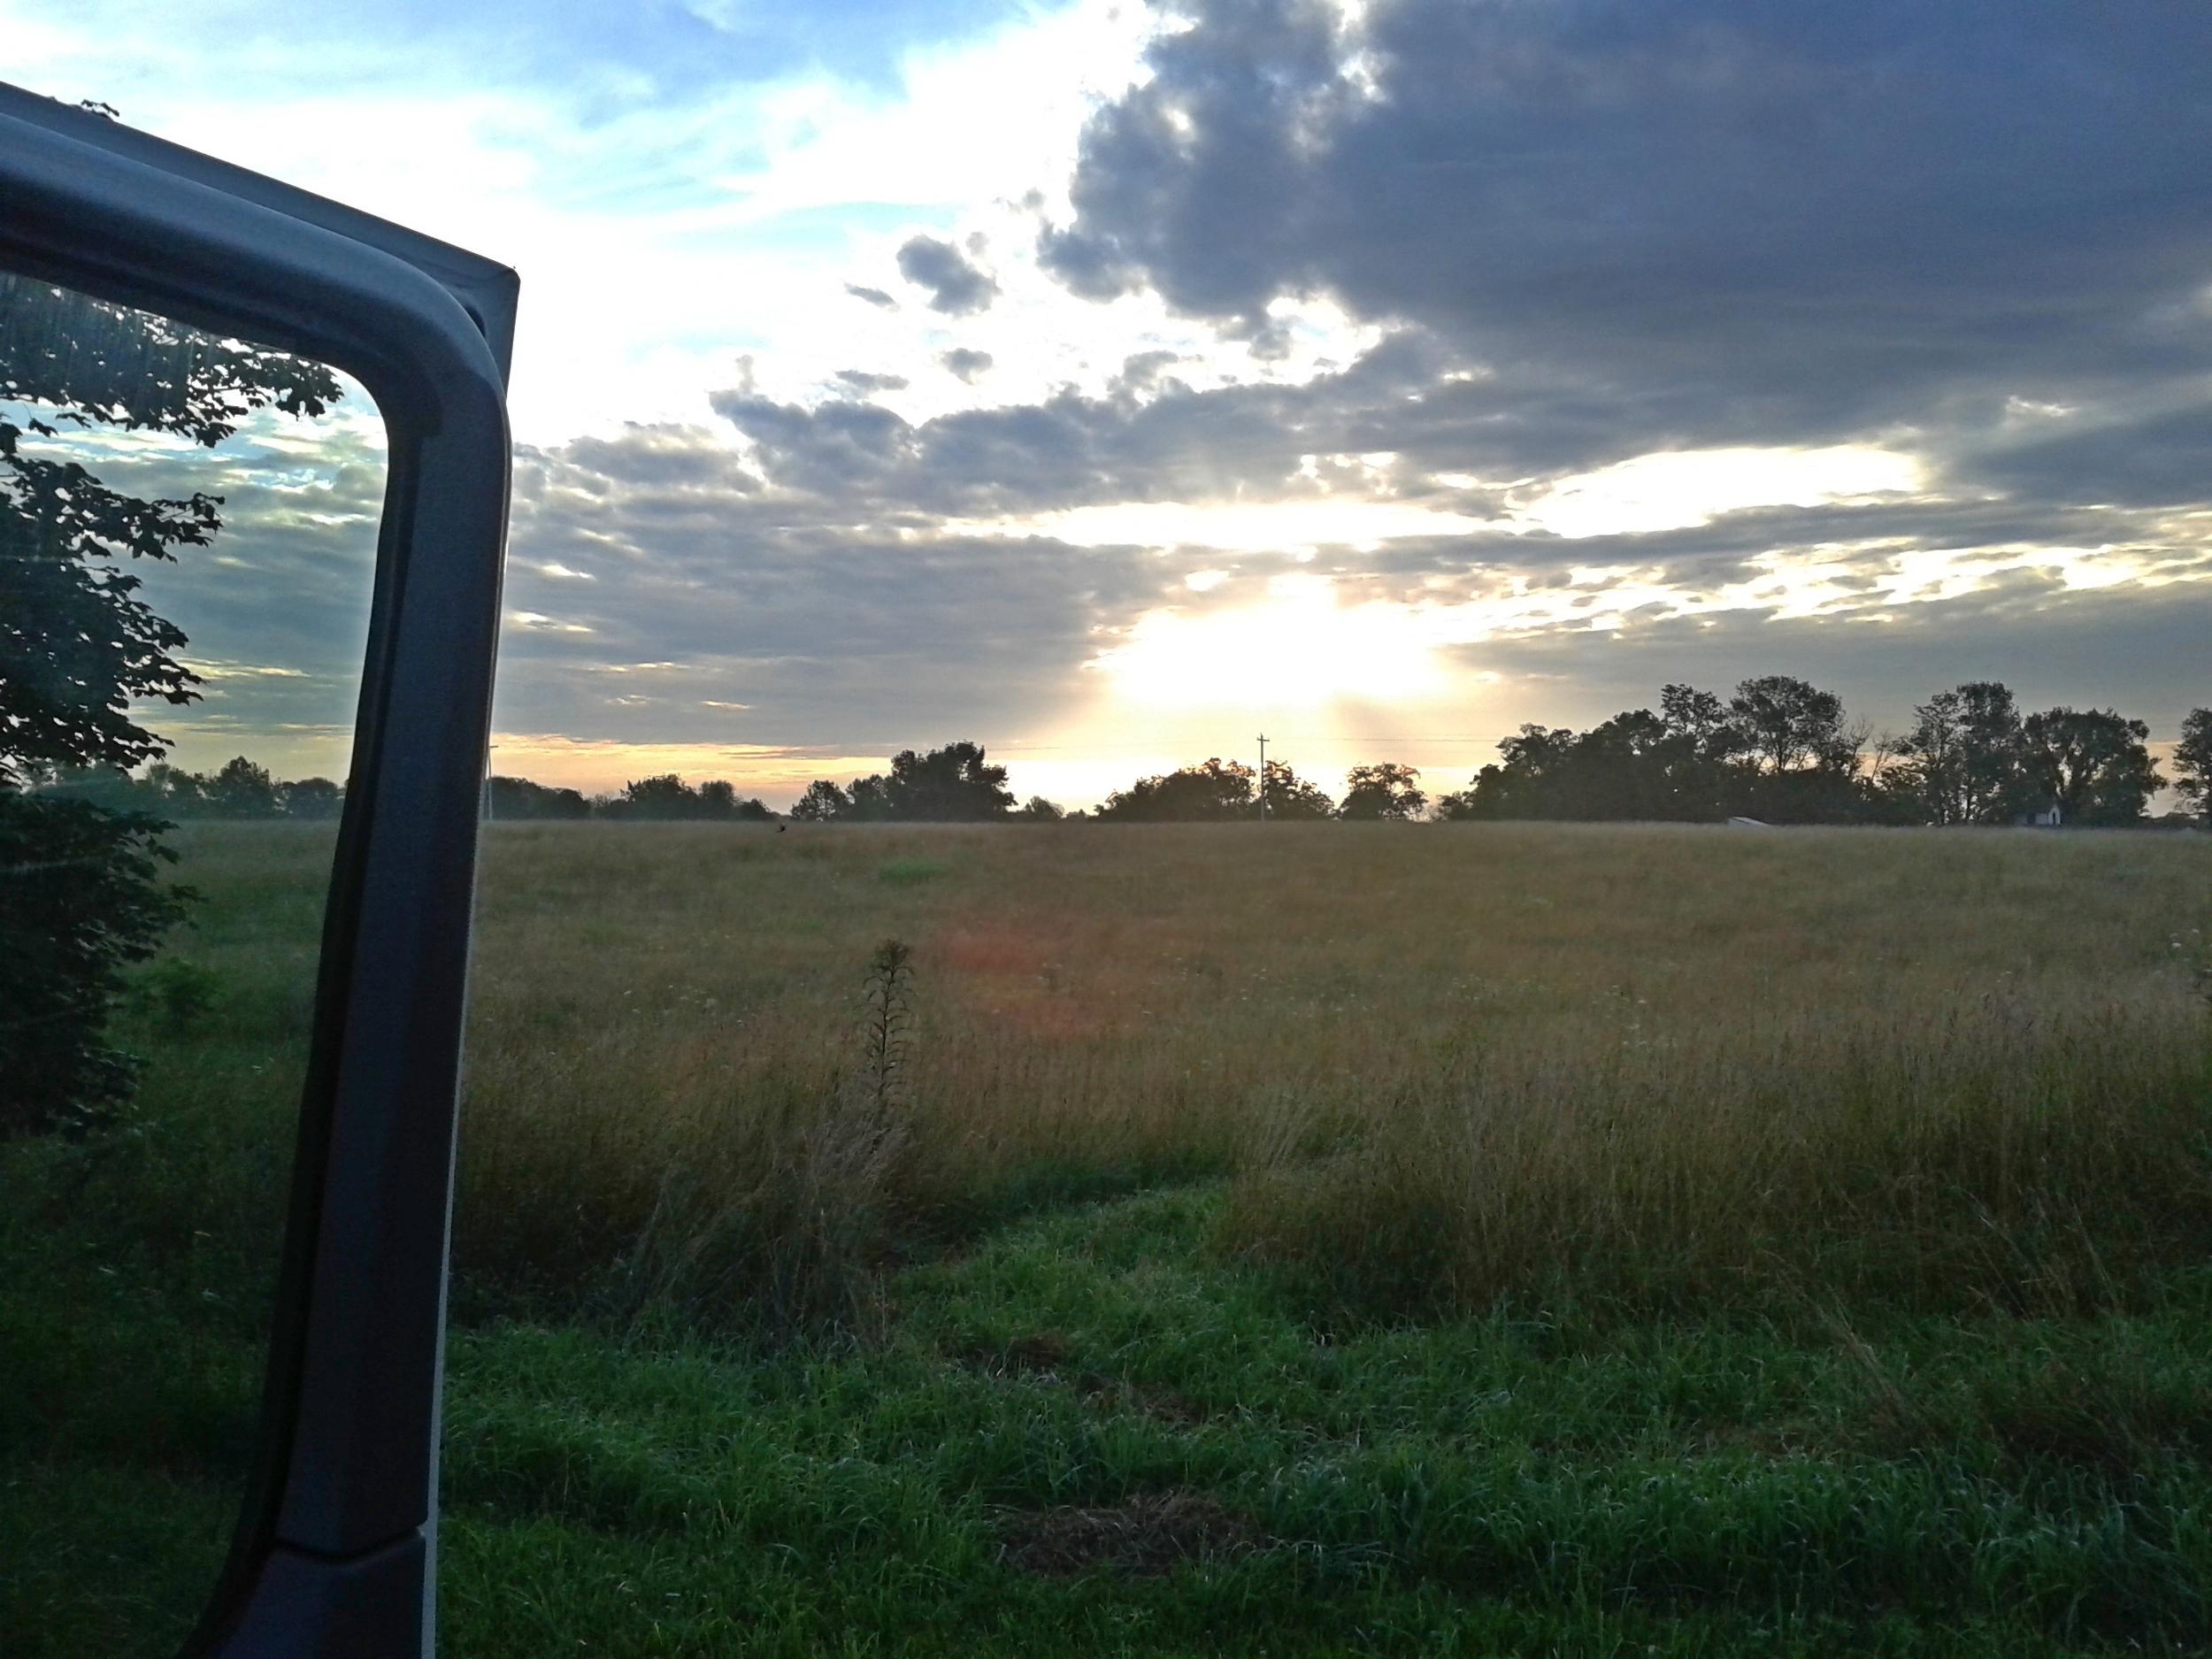 Sunrise over the farm.